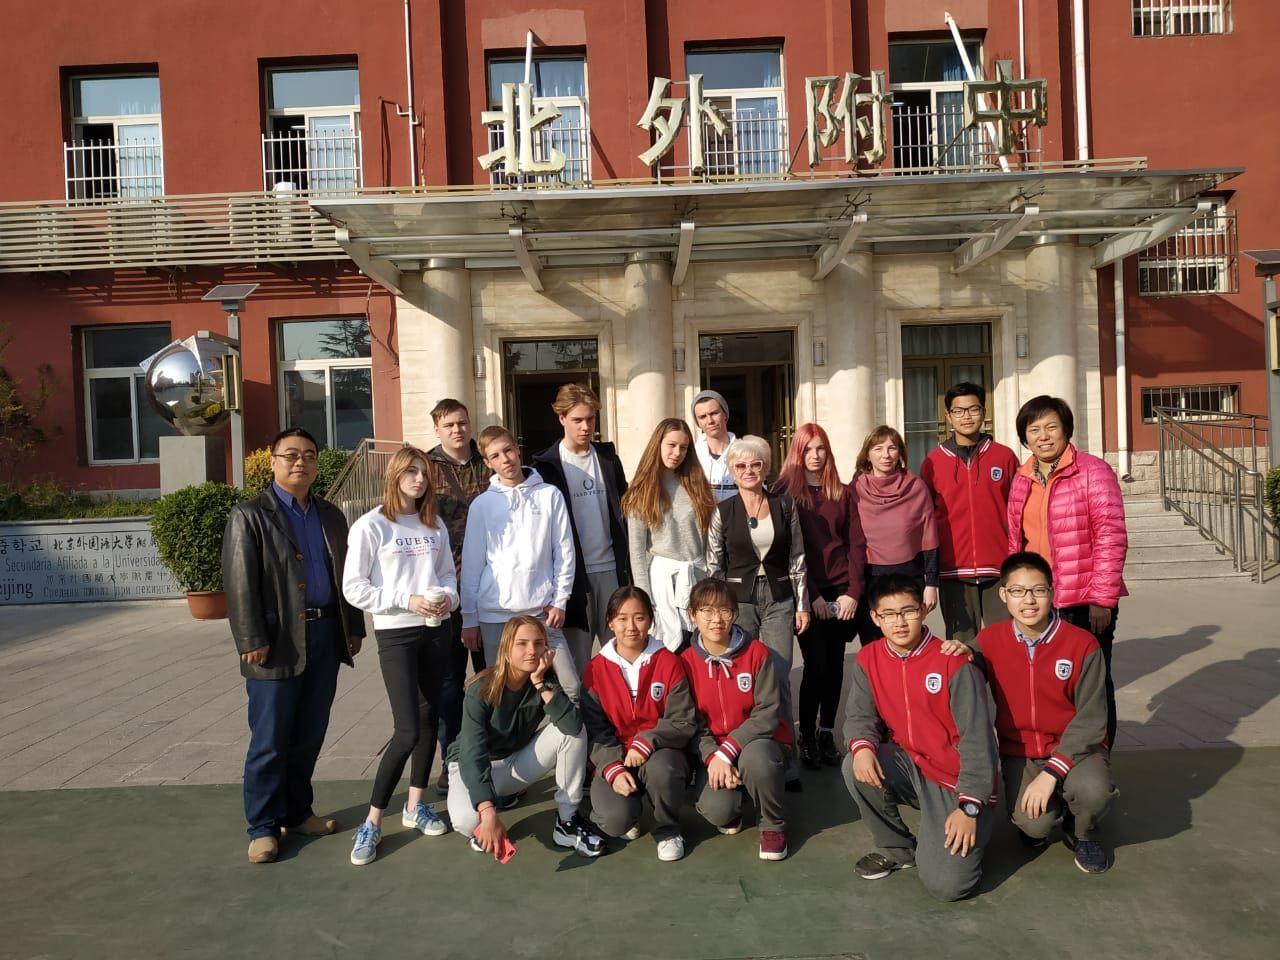 «Дружба народов». Школьники Академического колледжа ВГУЭС посетили Пекинский университет